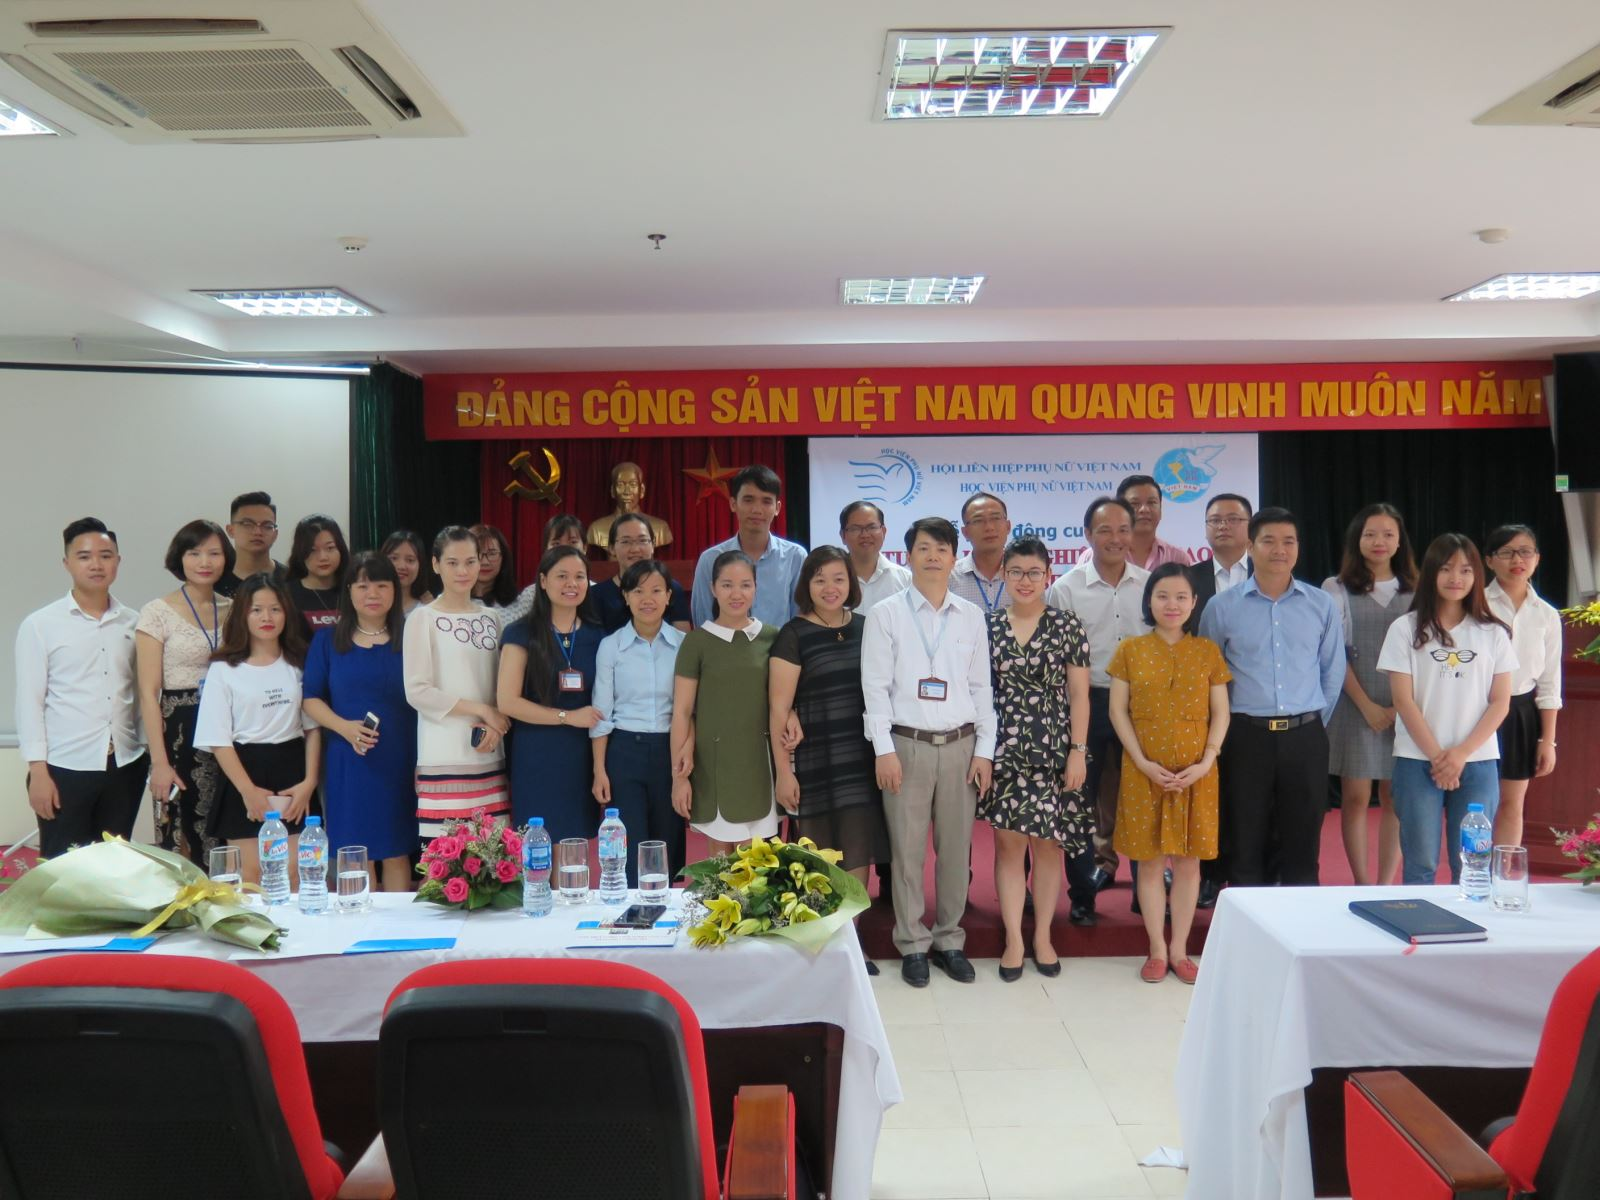 Học viện Phụ nữ Việt Nam phát động cuộc thi: Ý tưởng khởi nghiệp sáng tạo dành cho nữ sinh viên 2018.